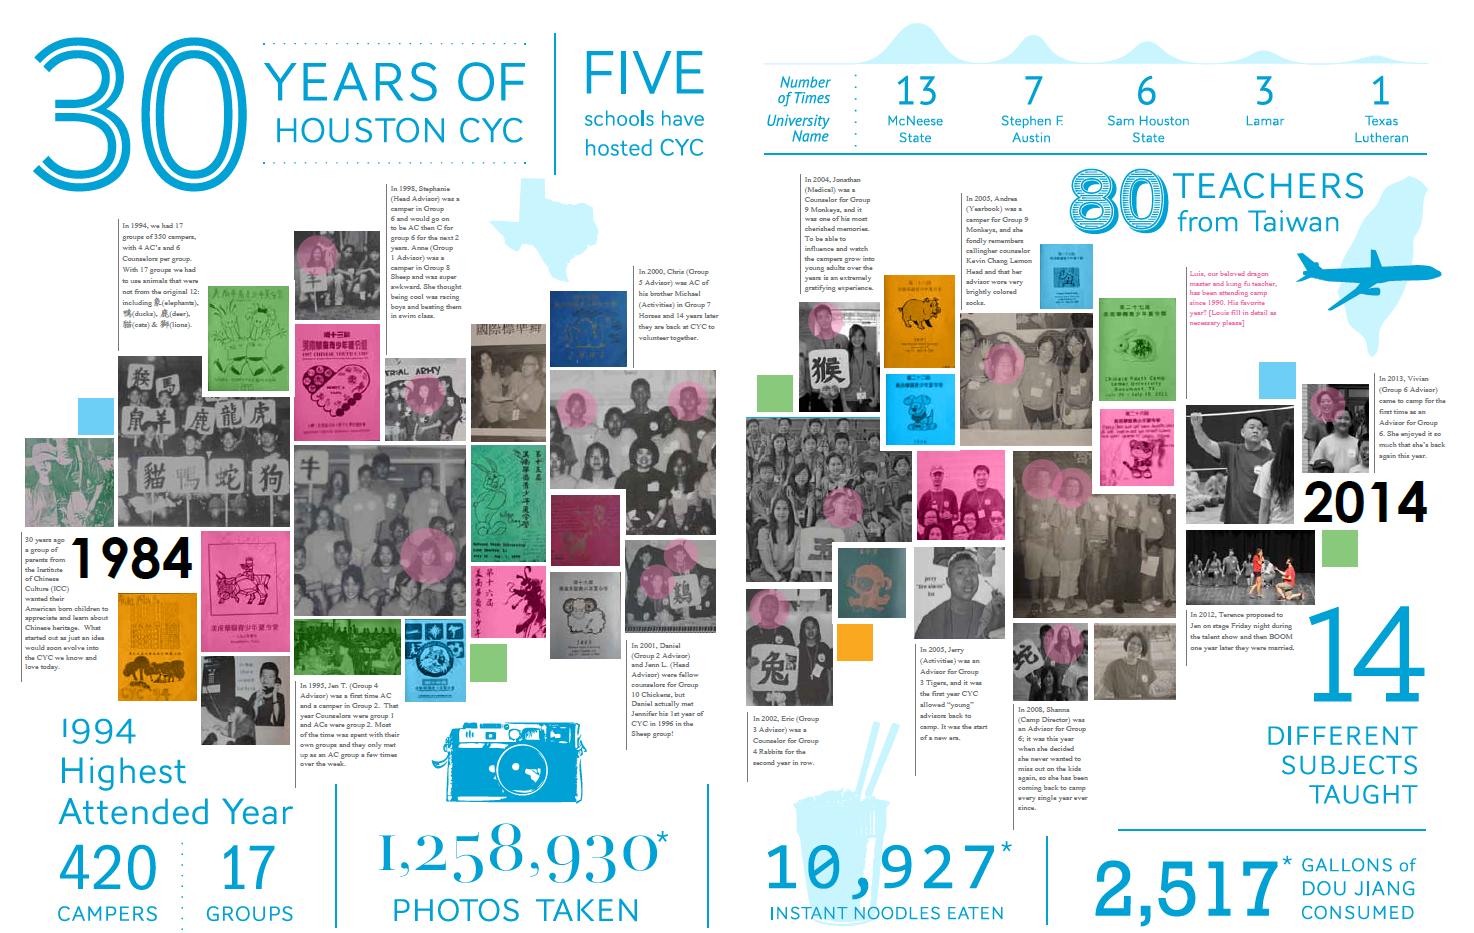 2014 Infographic